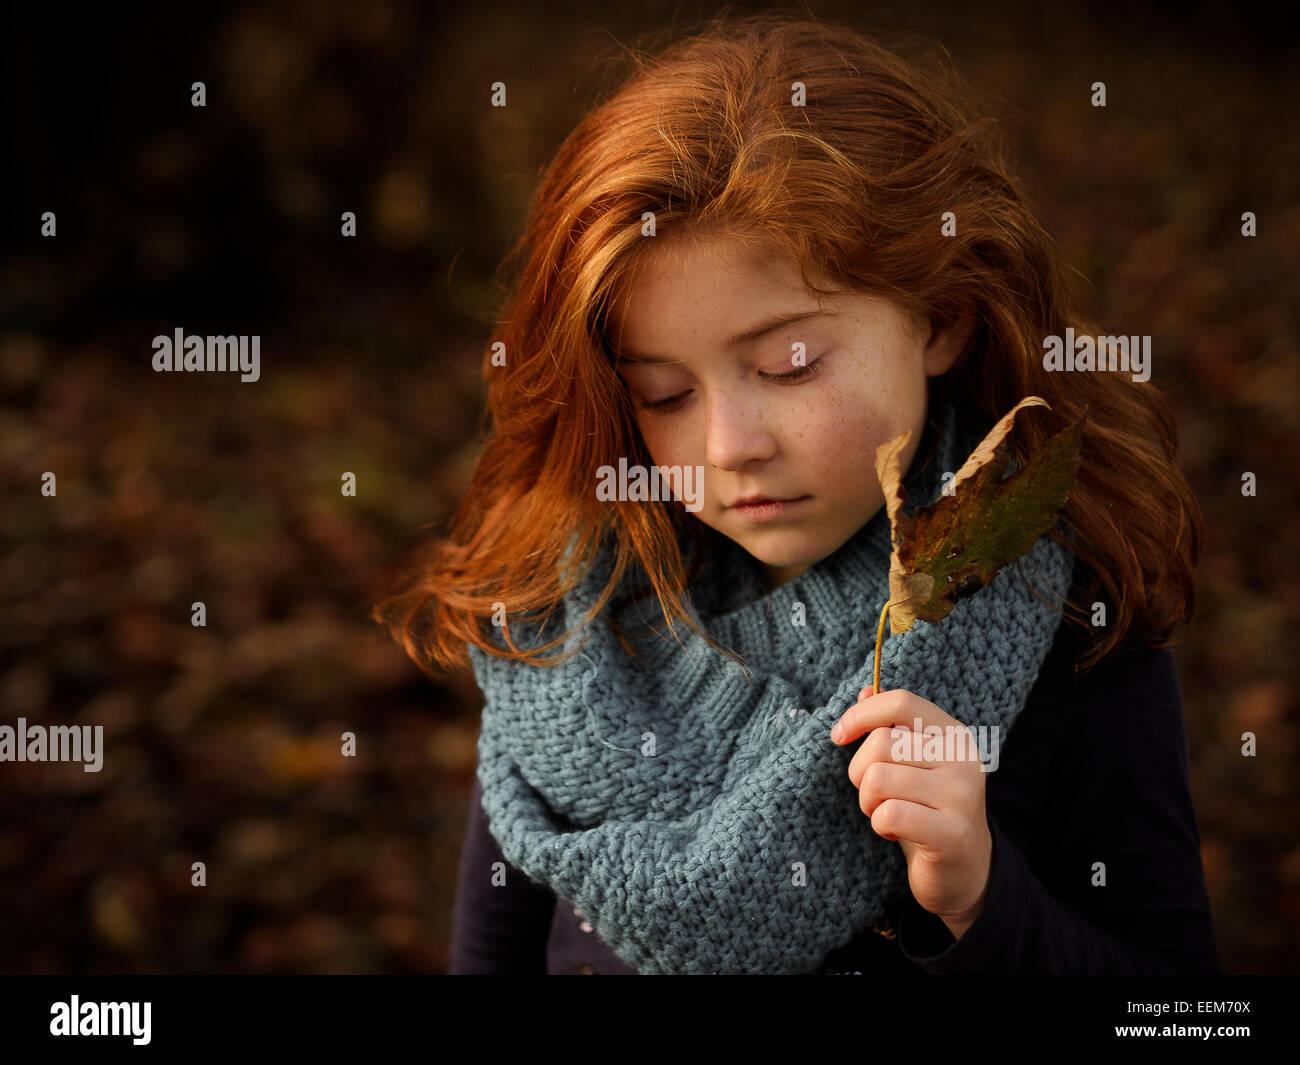 Rote kurzhaarige Mädchen halten Herbst Blatt Stockbild